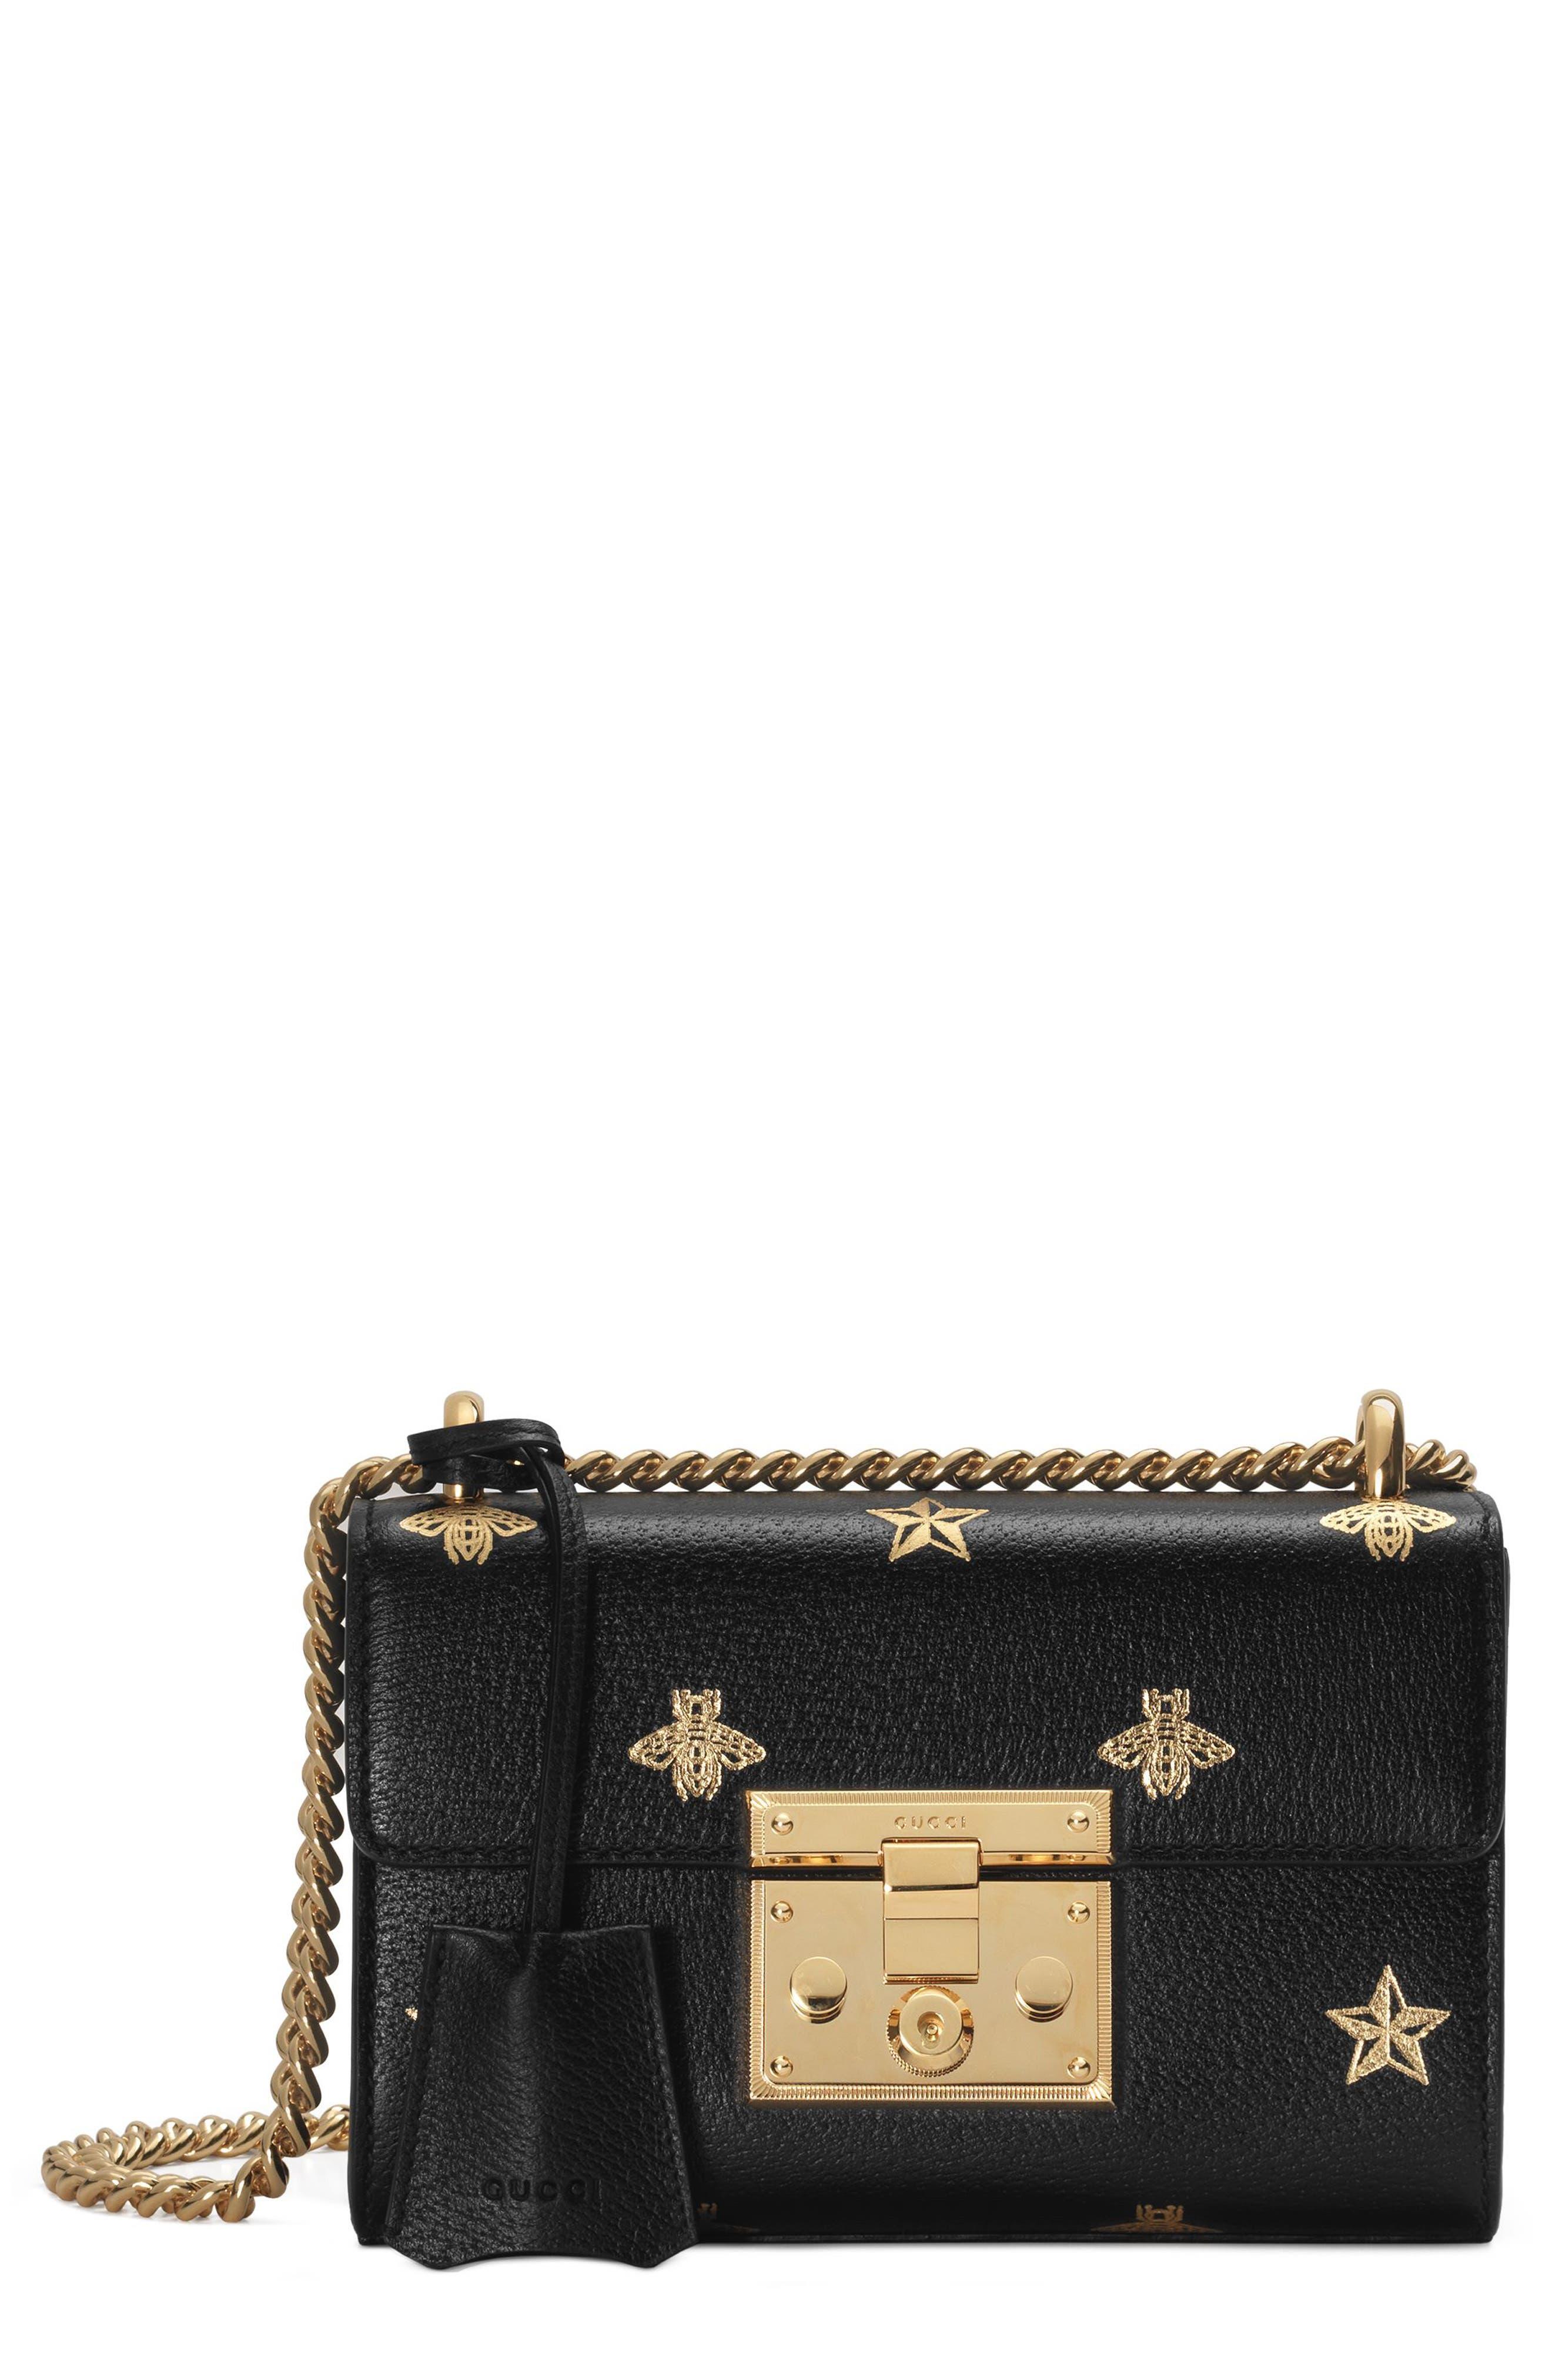 GUCCI Mini Padlock Leather Shoulder Bag, Main, color, NERO/ ORO